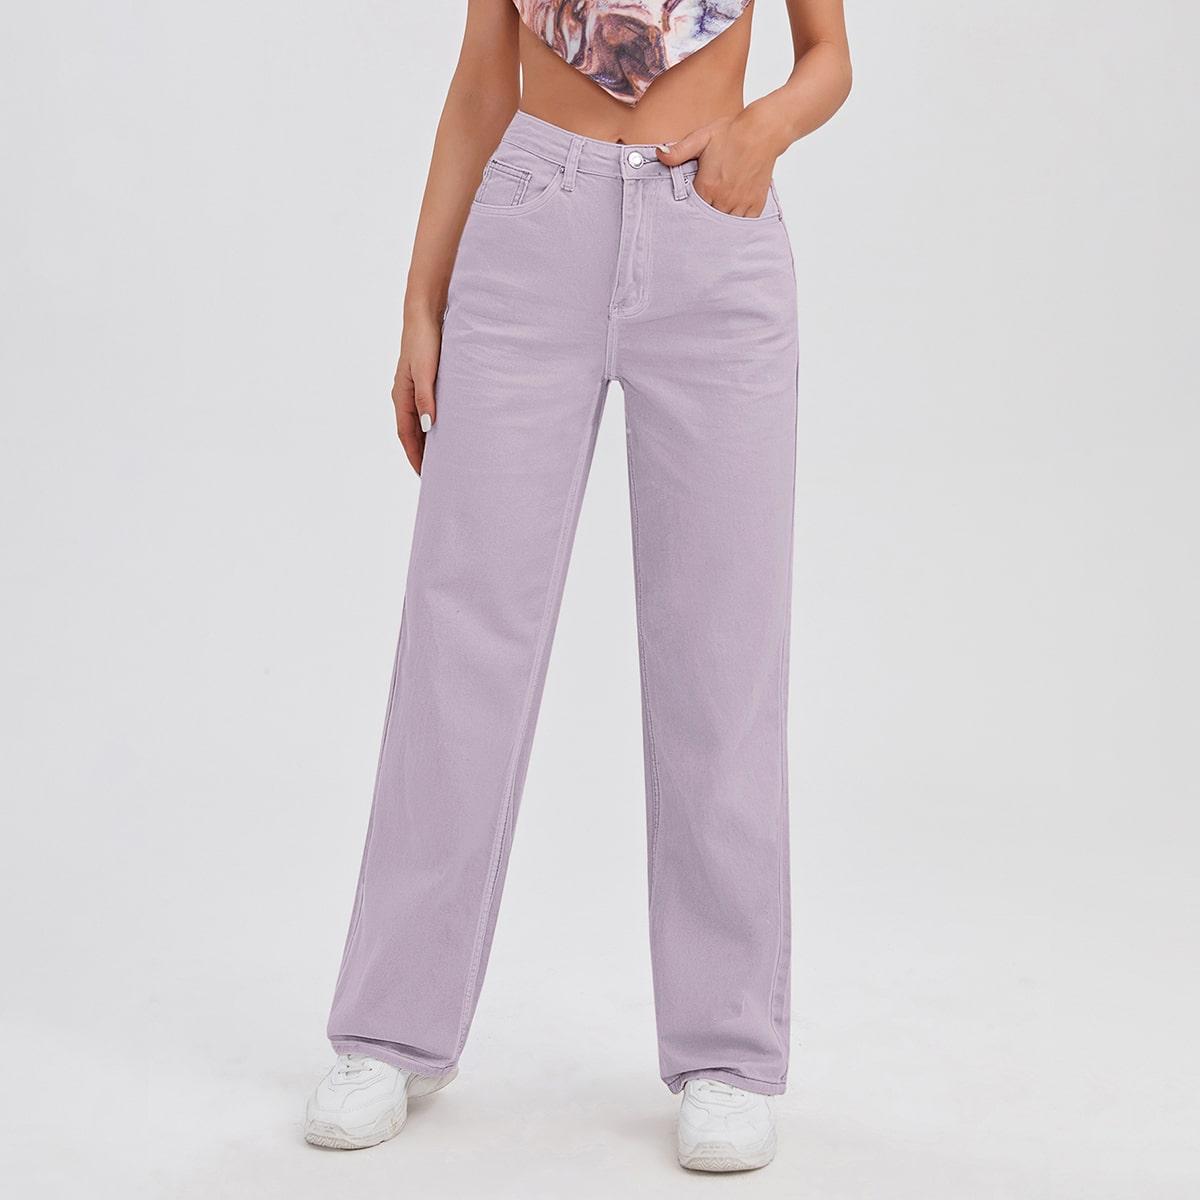 Прямые джинсы с карманом и высокой талией